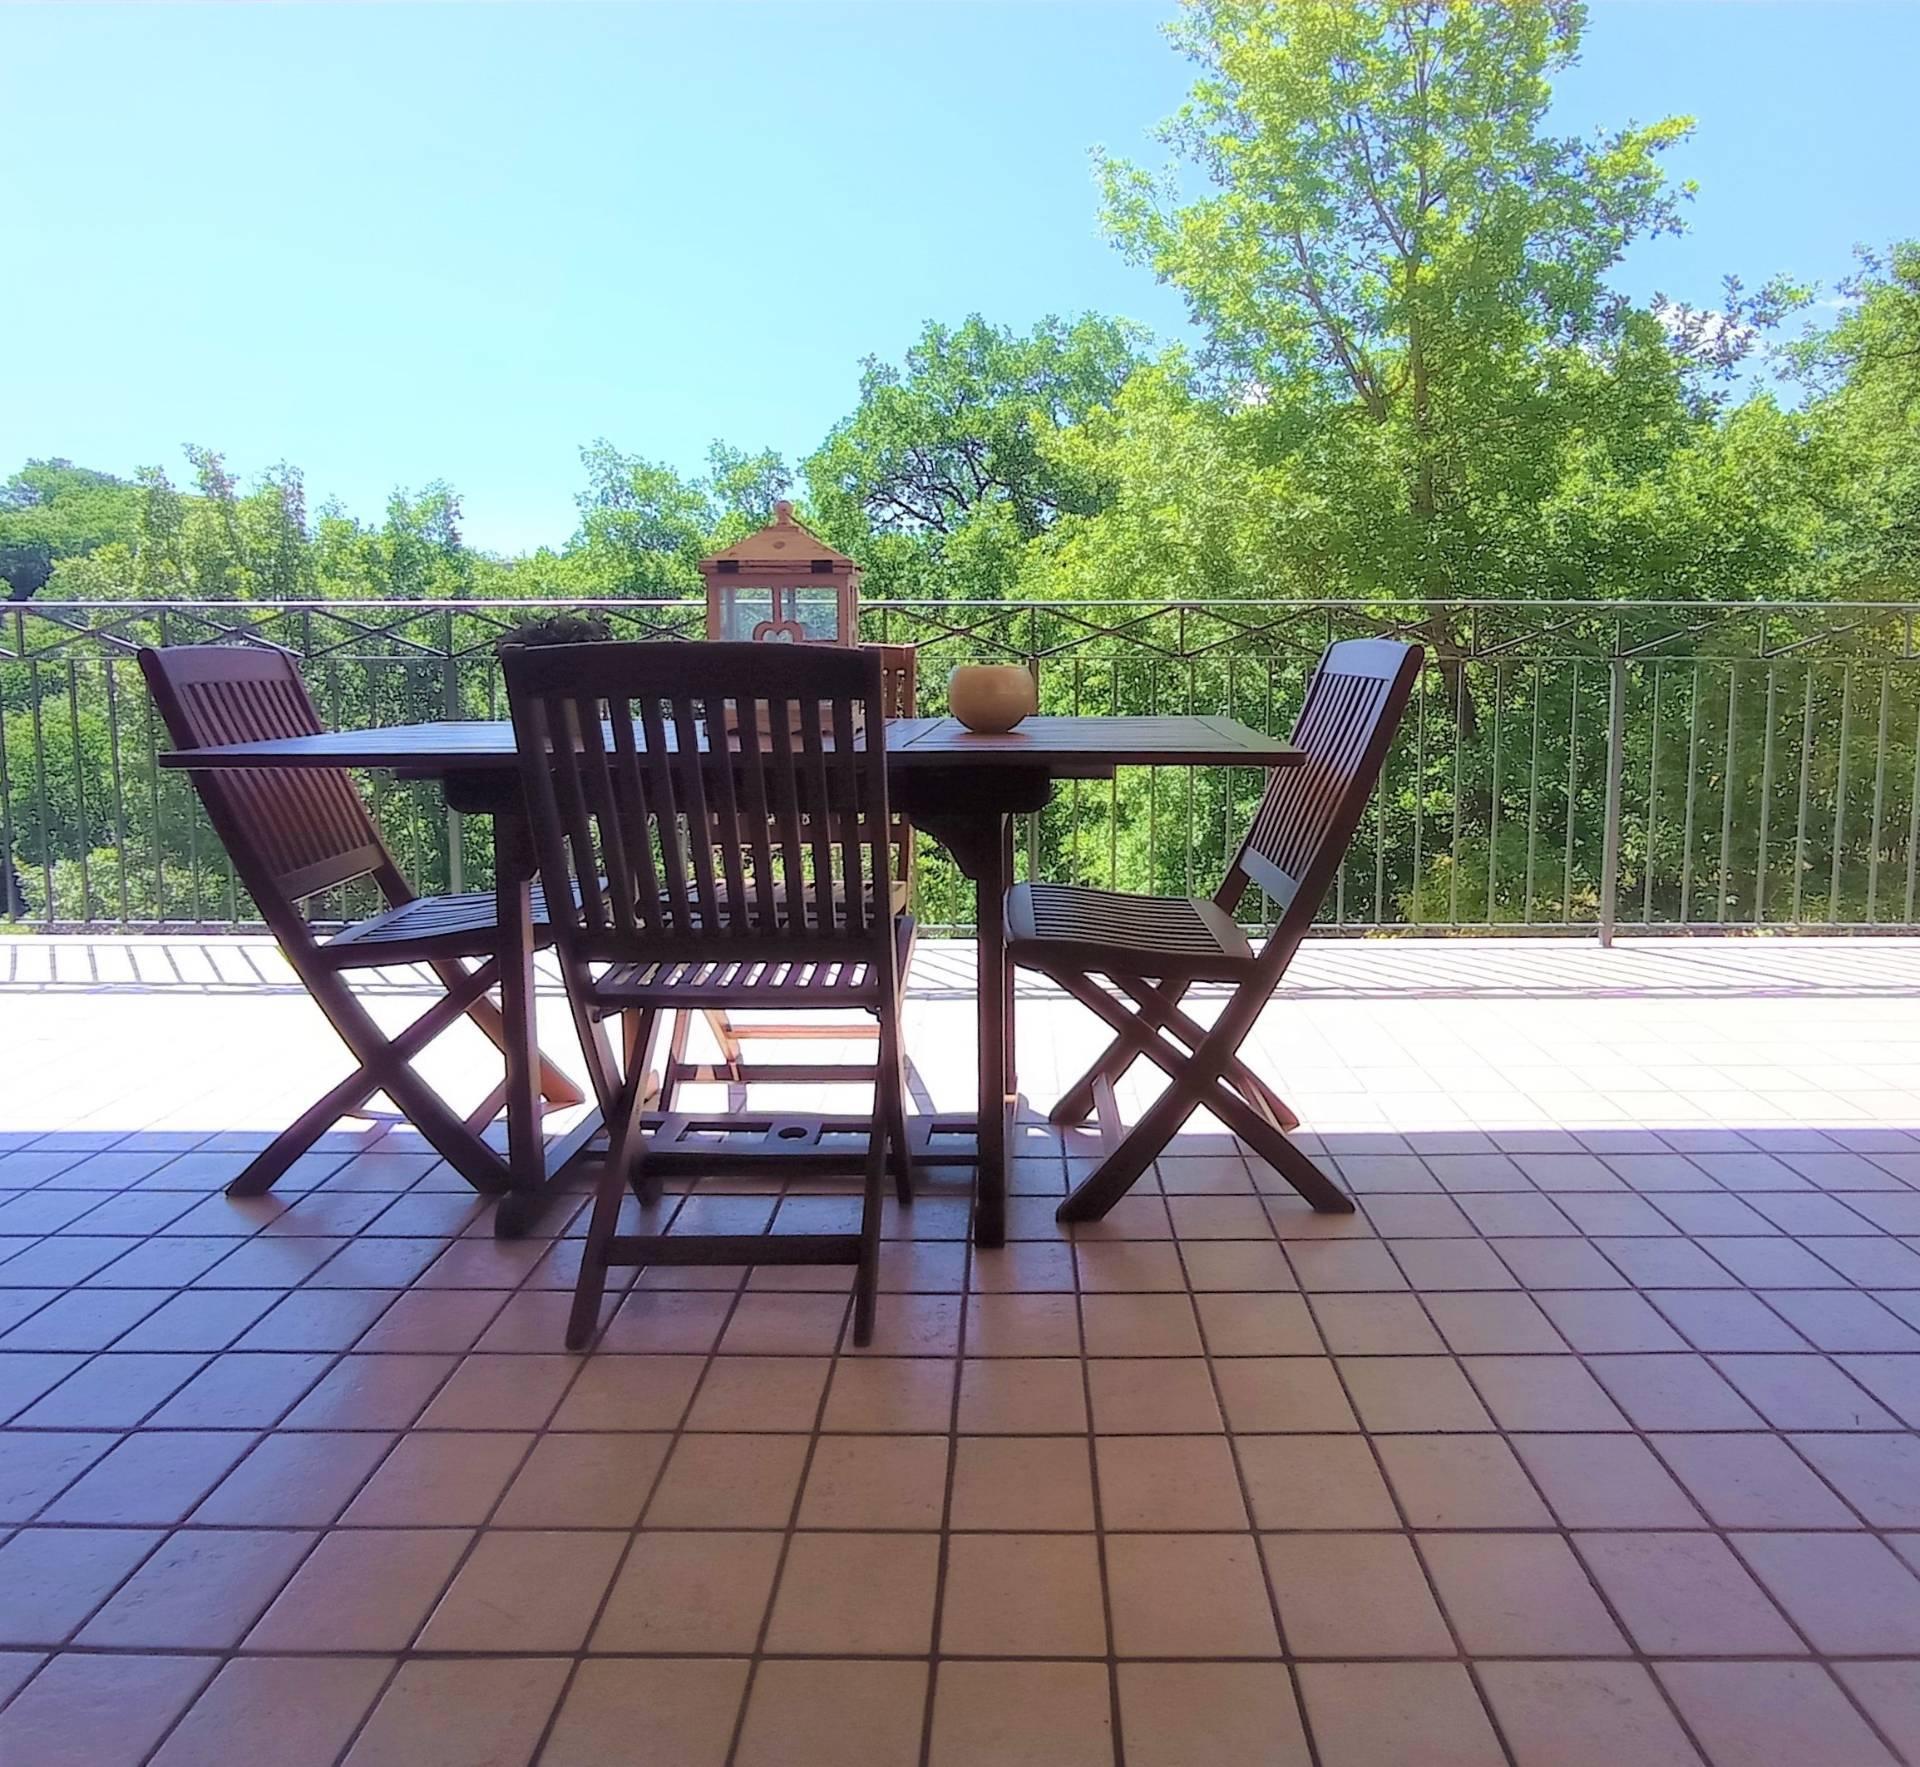 Appartamento in vendita a L'Aquila, 3 locali, zona Località: Torretta, prezzo € 145.000 | PortaleAgenzieImmobiliari.it